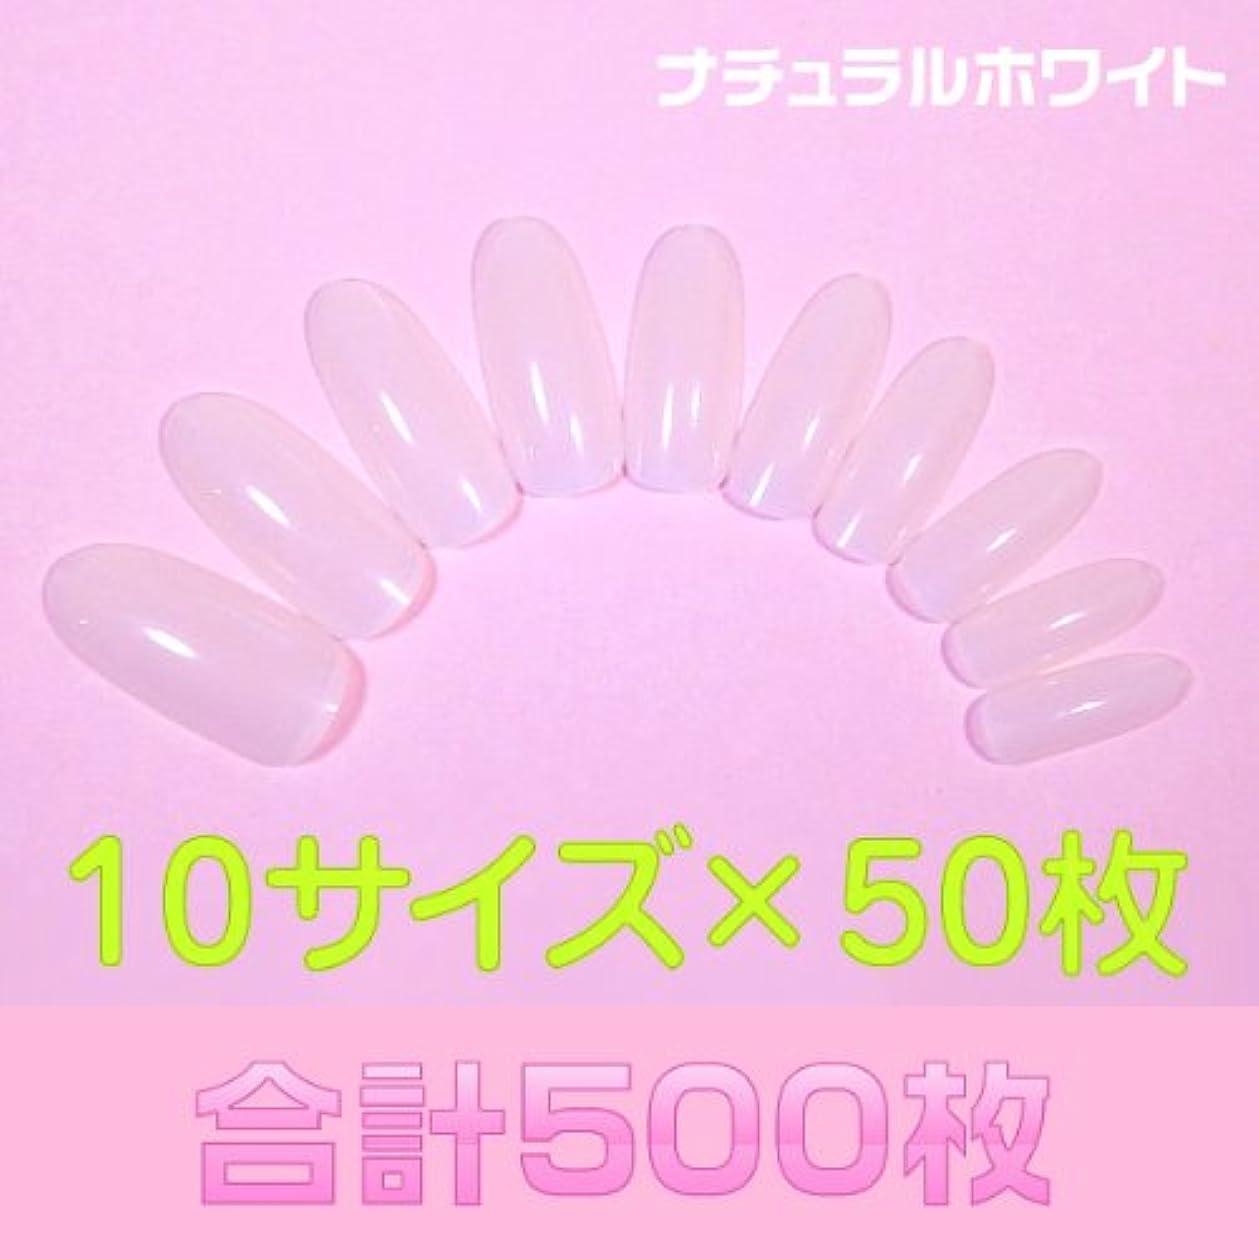 相談溶かす文明ネイルチップ 無地 ナチュラルホワイト ロングオーバル500枚 [#4]フルカバーオーダー用通販 つけ爪付け爪